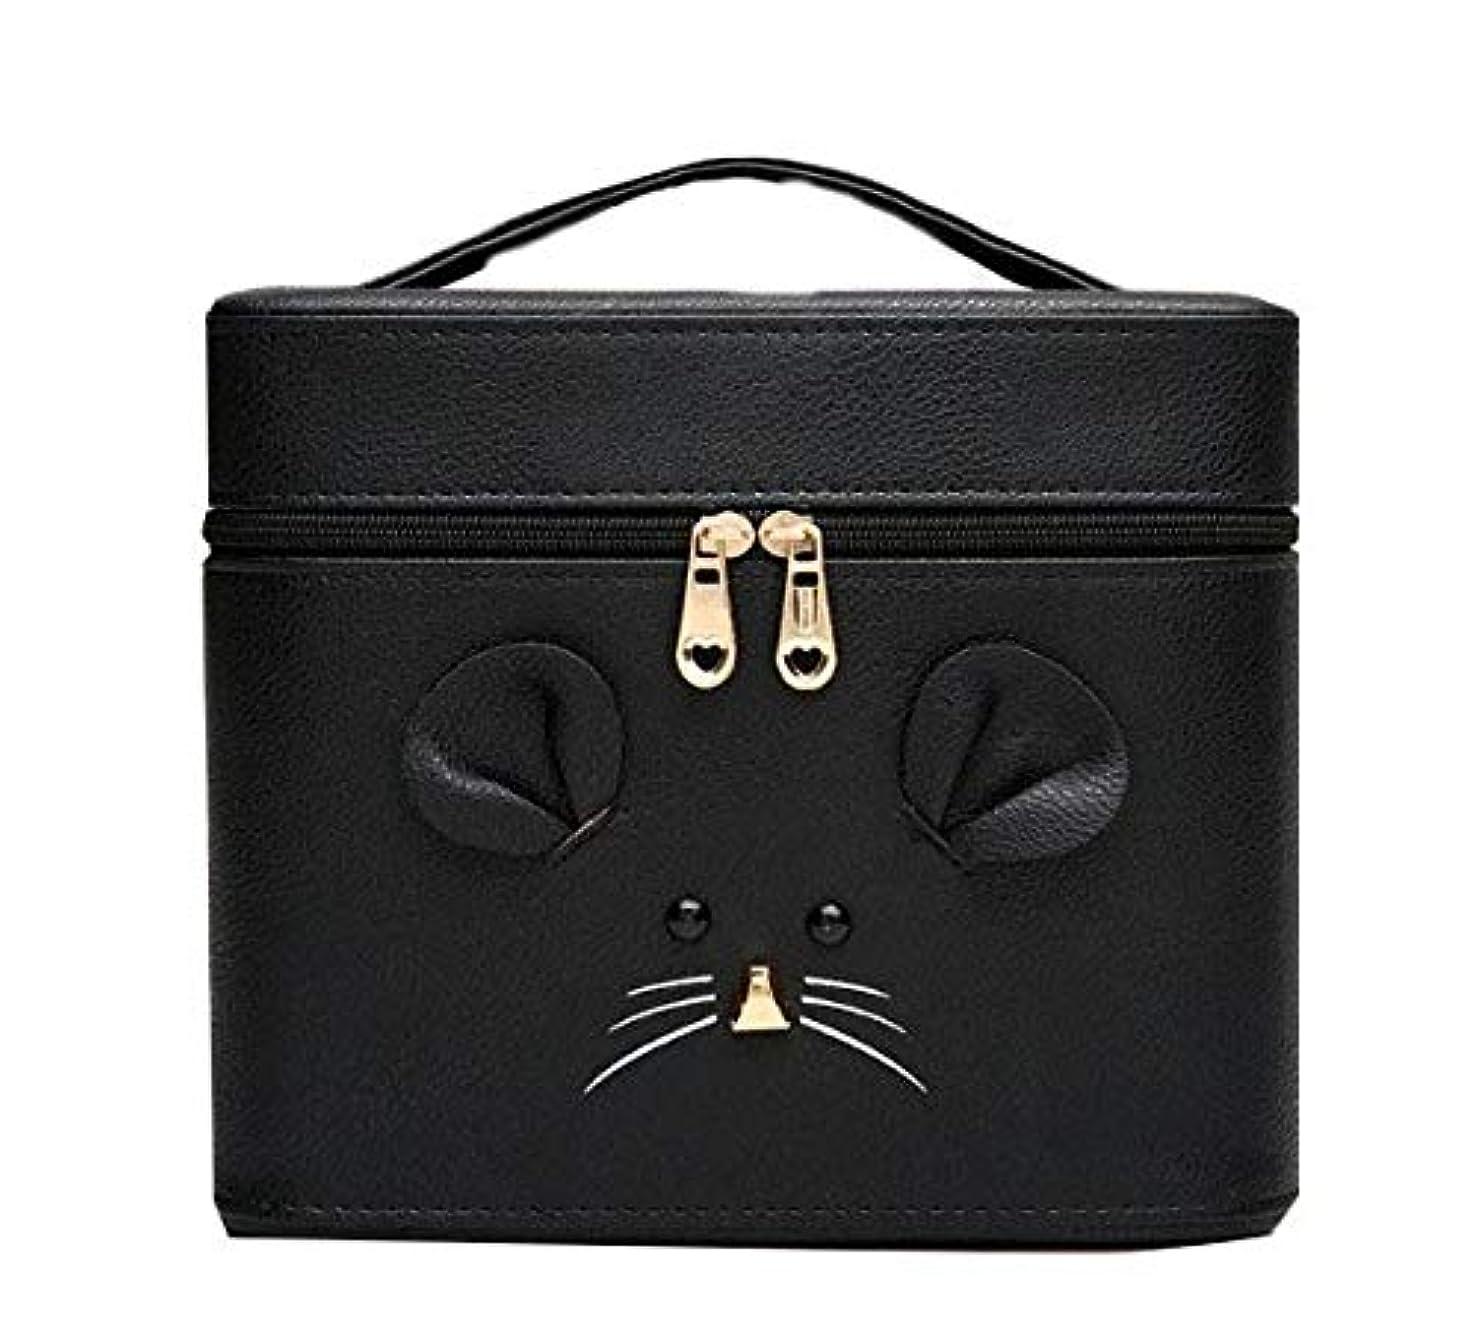 ドラッグアレルギー性砂の化粧箱、黒漫画のマウス化粧ケース、ポータブル旅行化粧品ケース、美容ネイルジュエリー収納ボックス (Size : S)